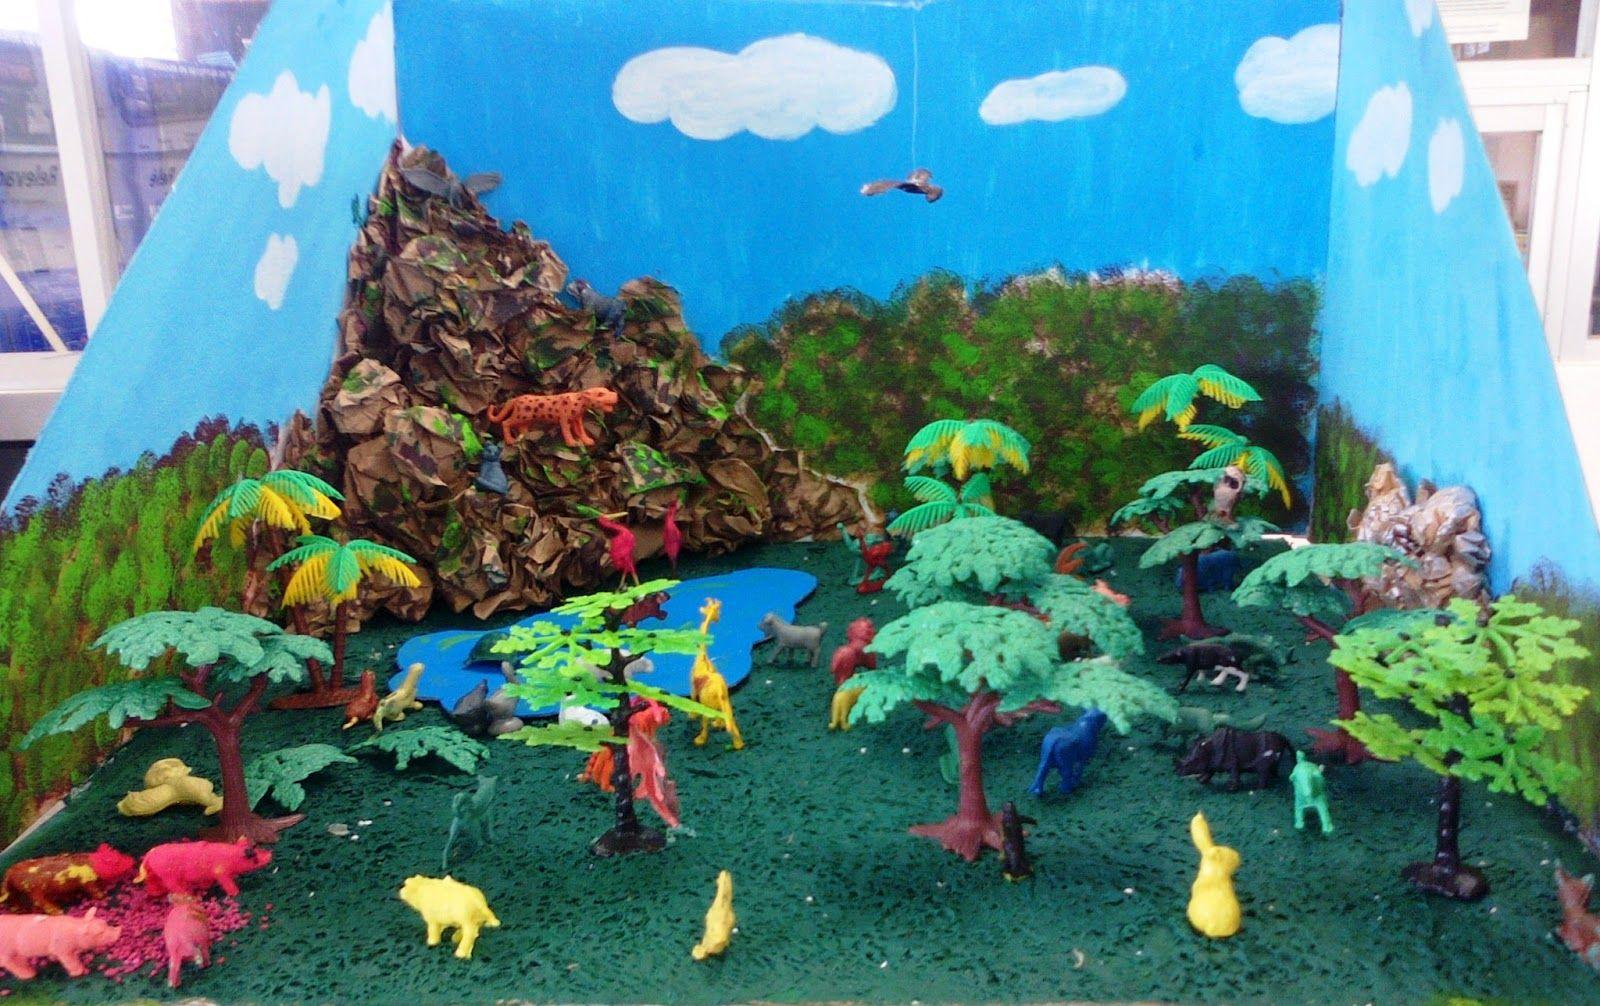 Maqueta del ecosistema imagui maquetas maquetas de for Como hacer una laguna artificial